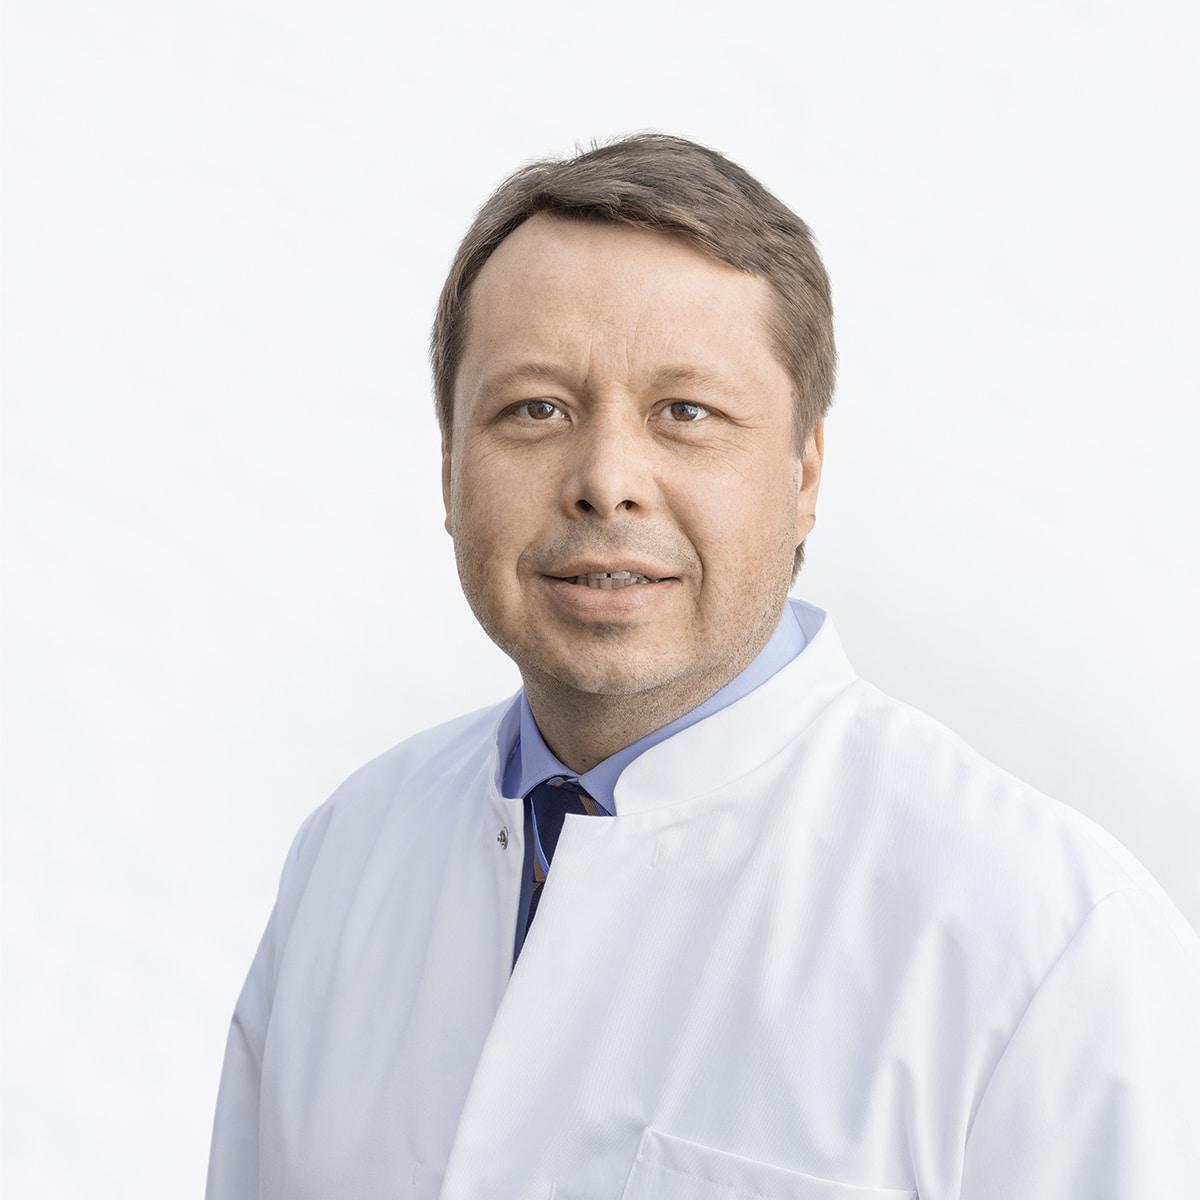 Facharzt Urologie: Dr. med. Christian Müller